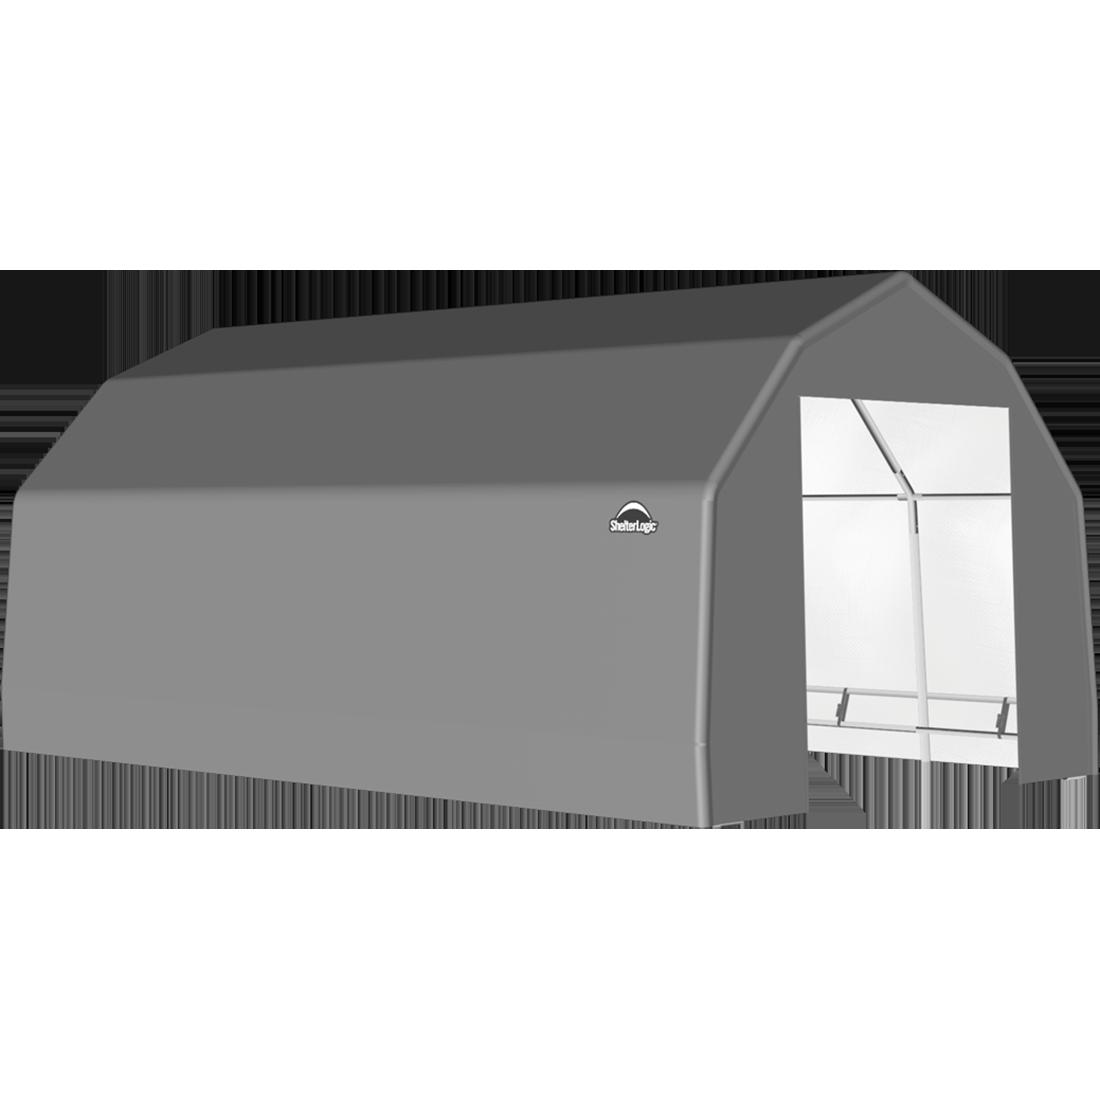 SP Barn 15X20X11 Gray 14 oz PE Shelter